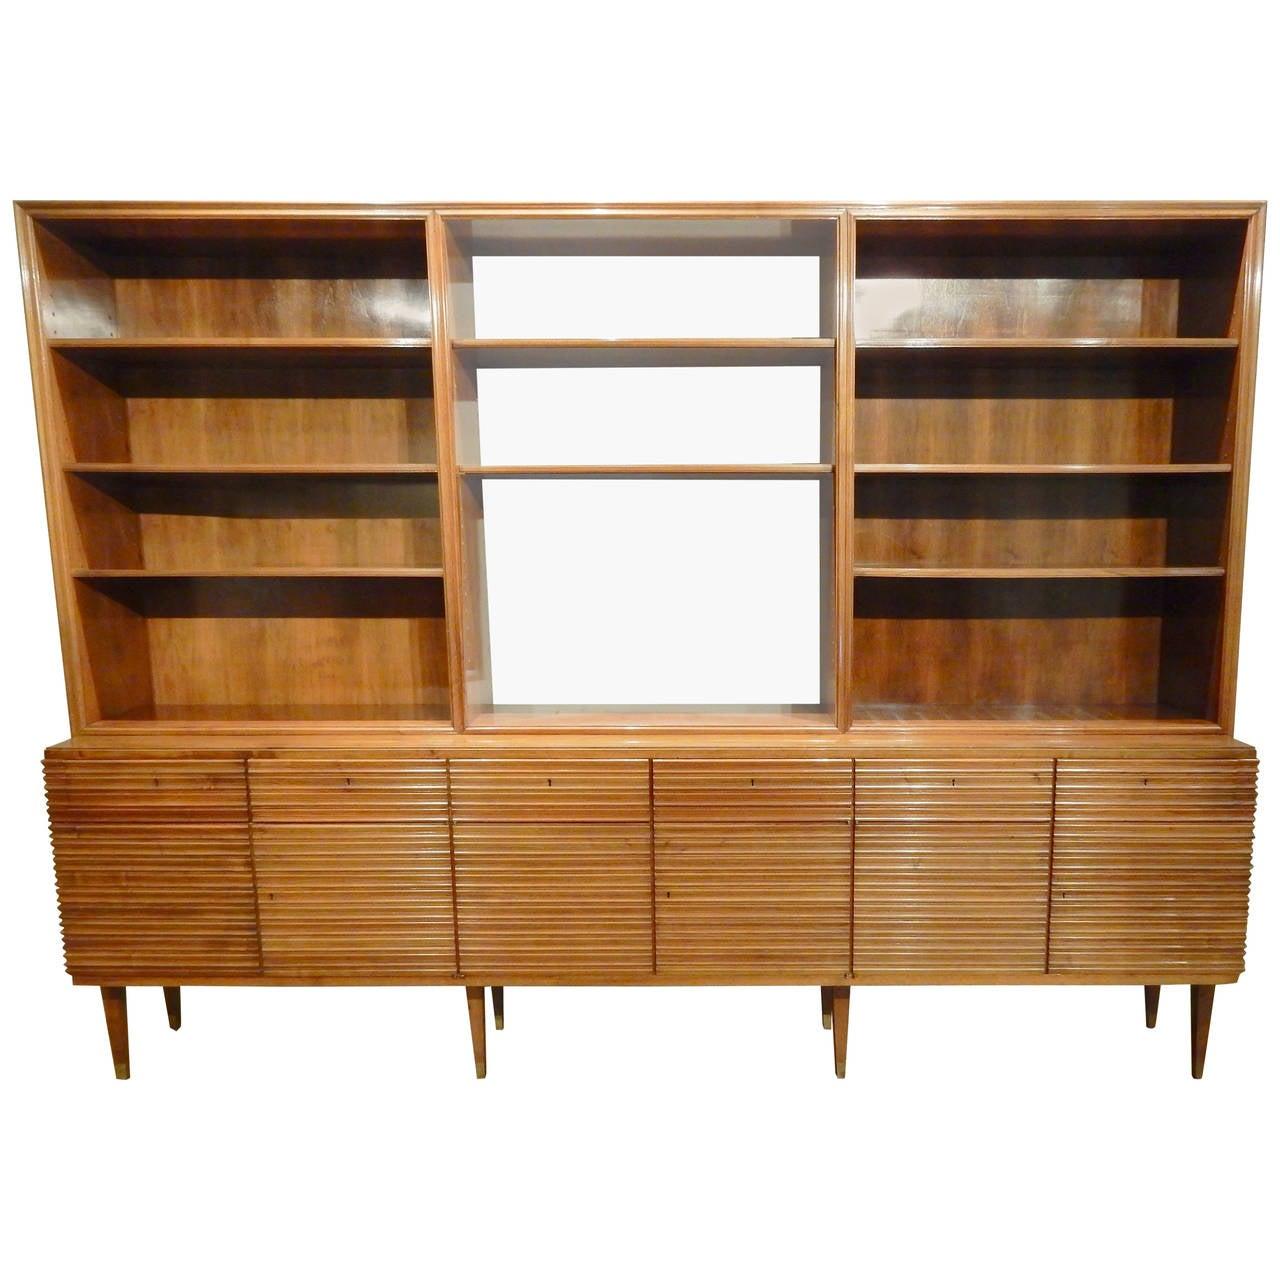 Italian Mid Century Modern Walnut Bookcase Cabinet At 1stdibs